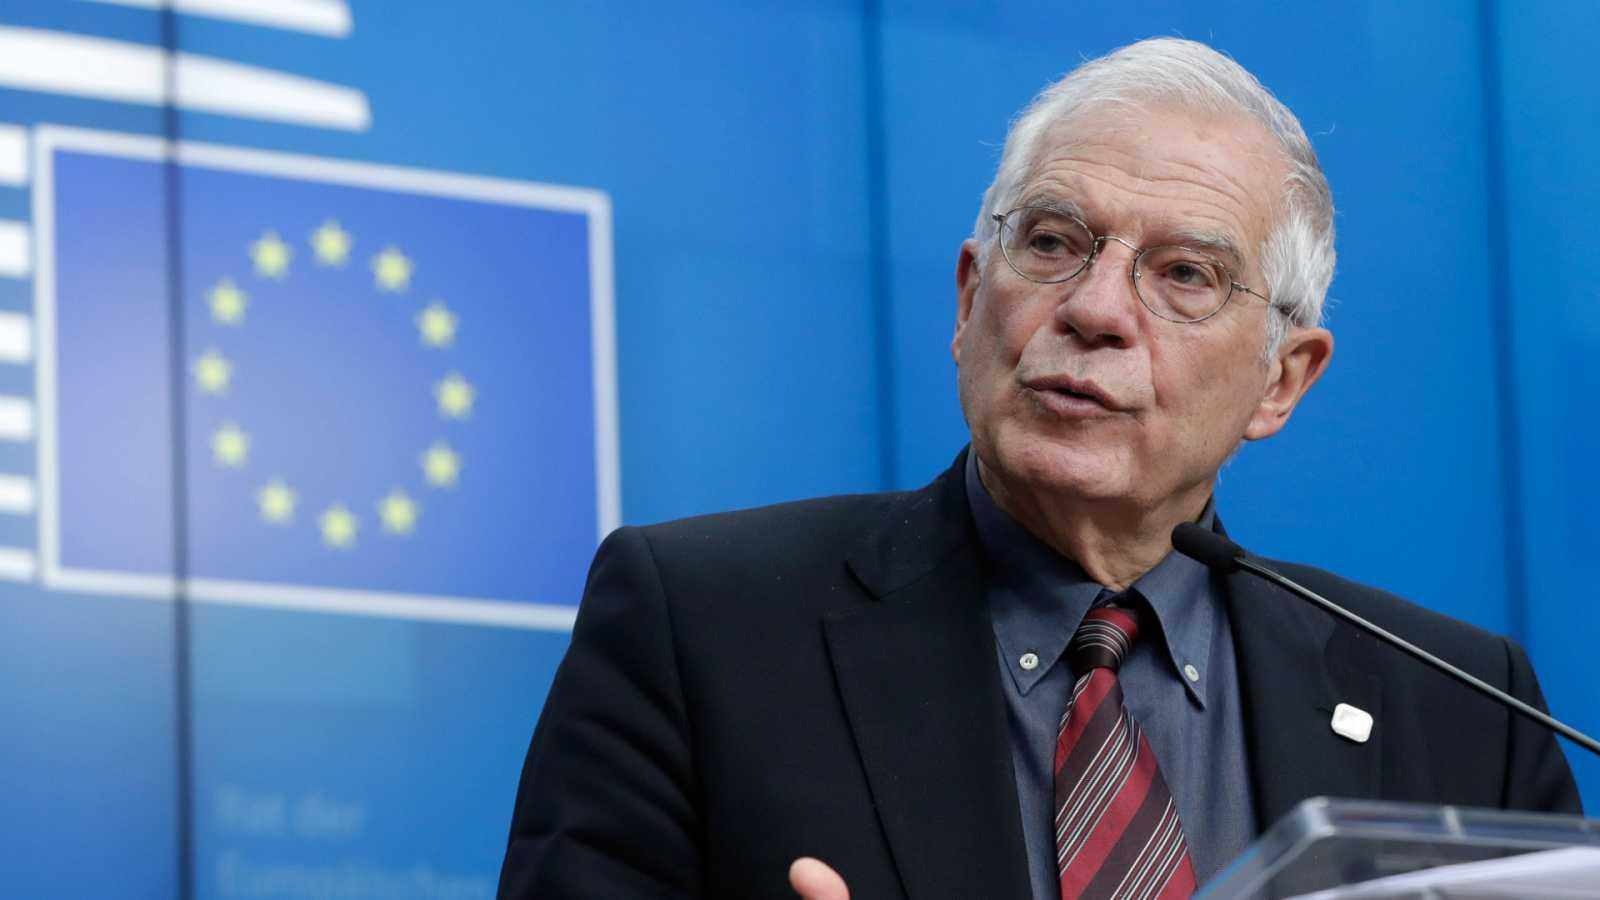 """Las mañanas de RNE con Íñigo Alfonso - Josep Borrell: """"Los préstamos ya no bastan; Europa debe ayudar con dinero contante y sonante"""" - Escuchar ahora"""